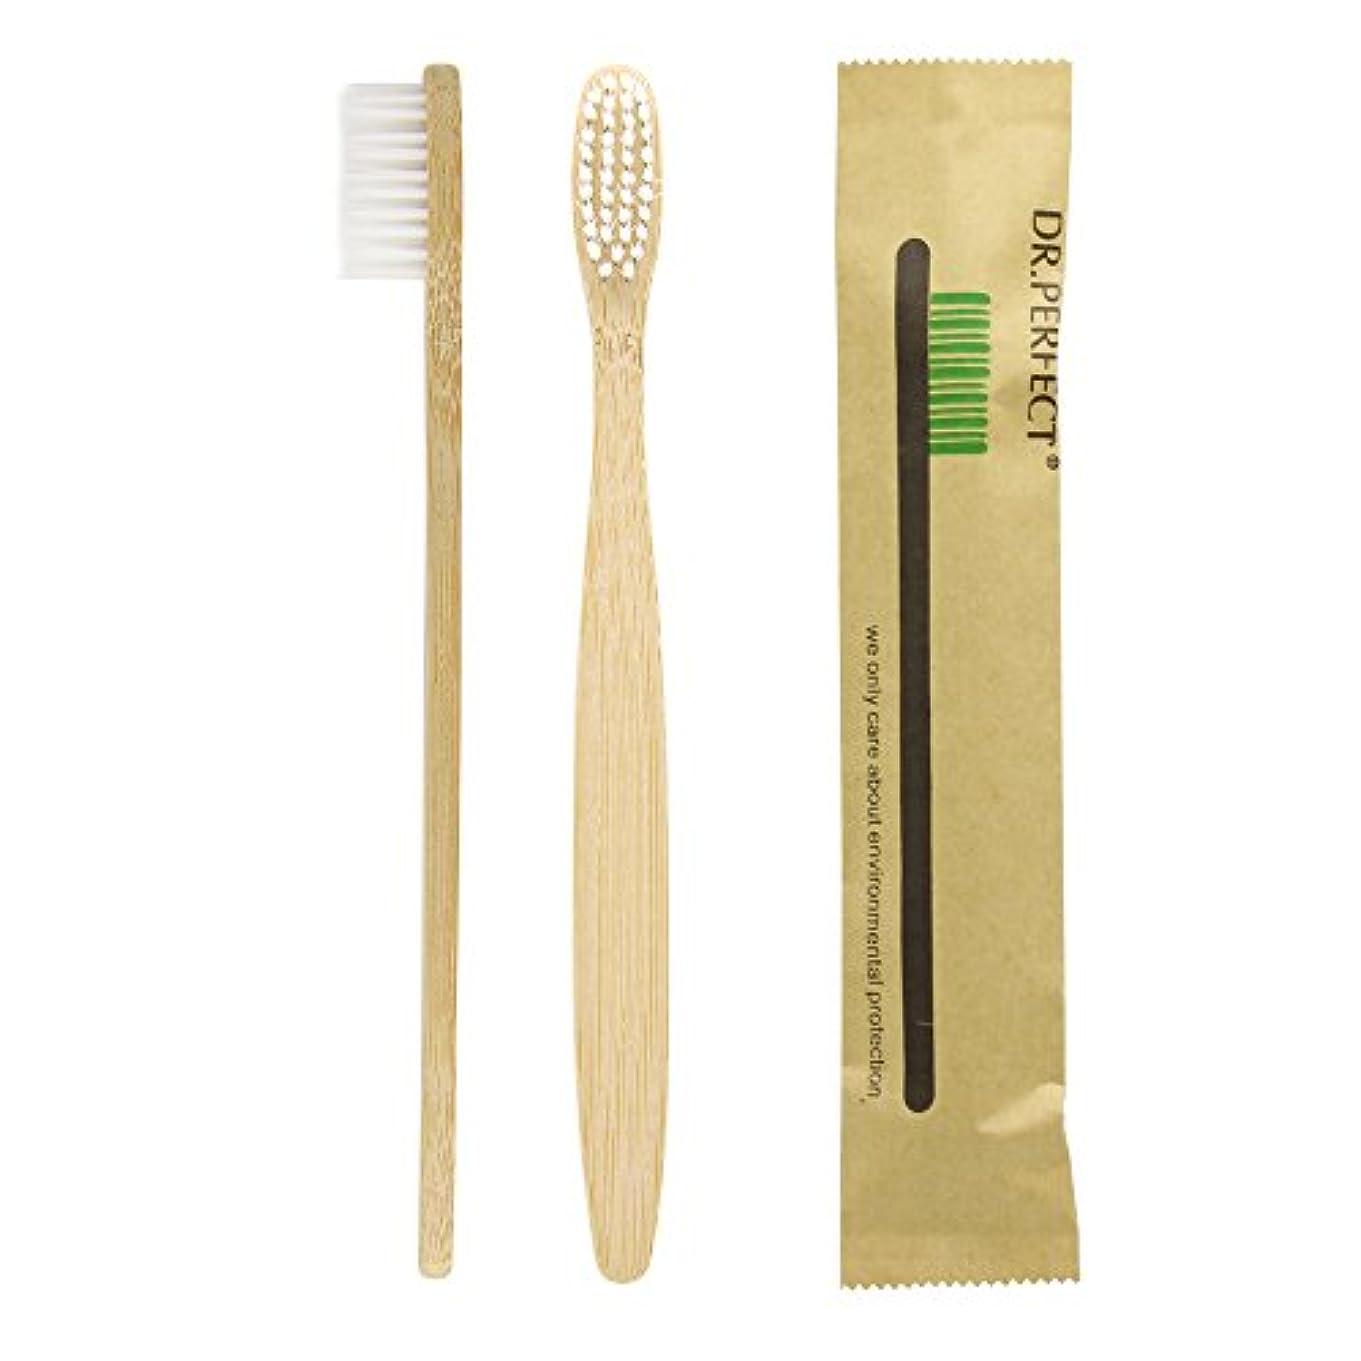 トレースパールセンチメートルDr.Perfect 歯ブラシ竹歯ブラシアダルト竹の歯ブラシ ナイロン毛 環境保護の歯ブラシ (ホワイト)